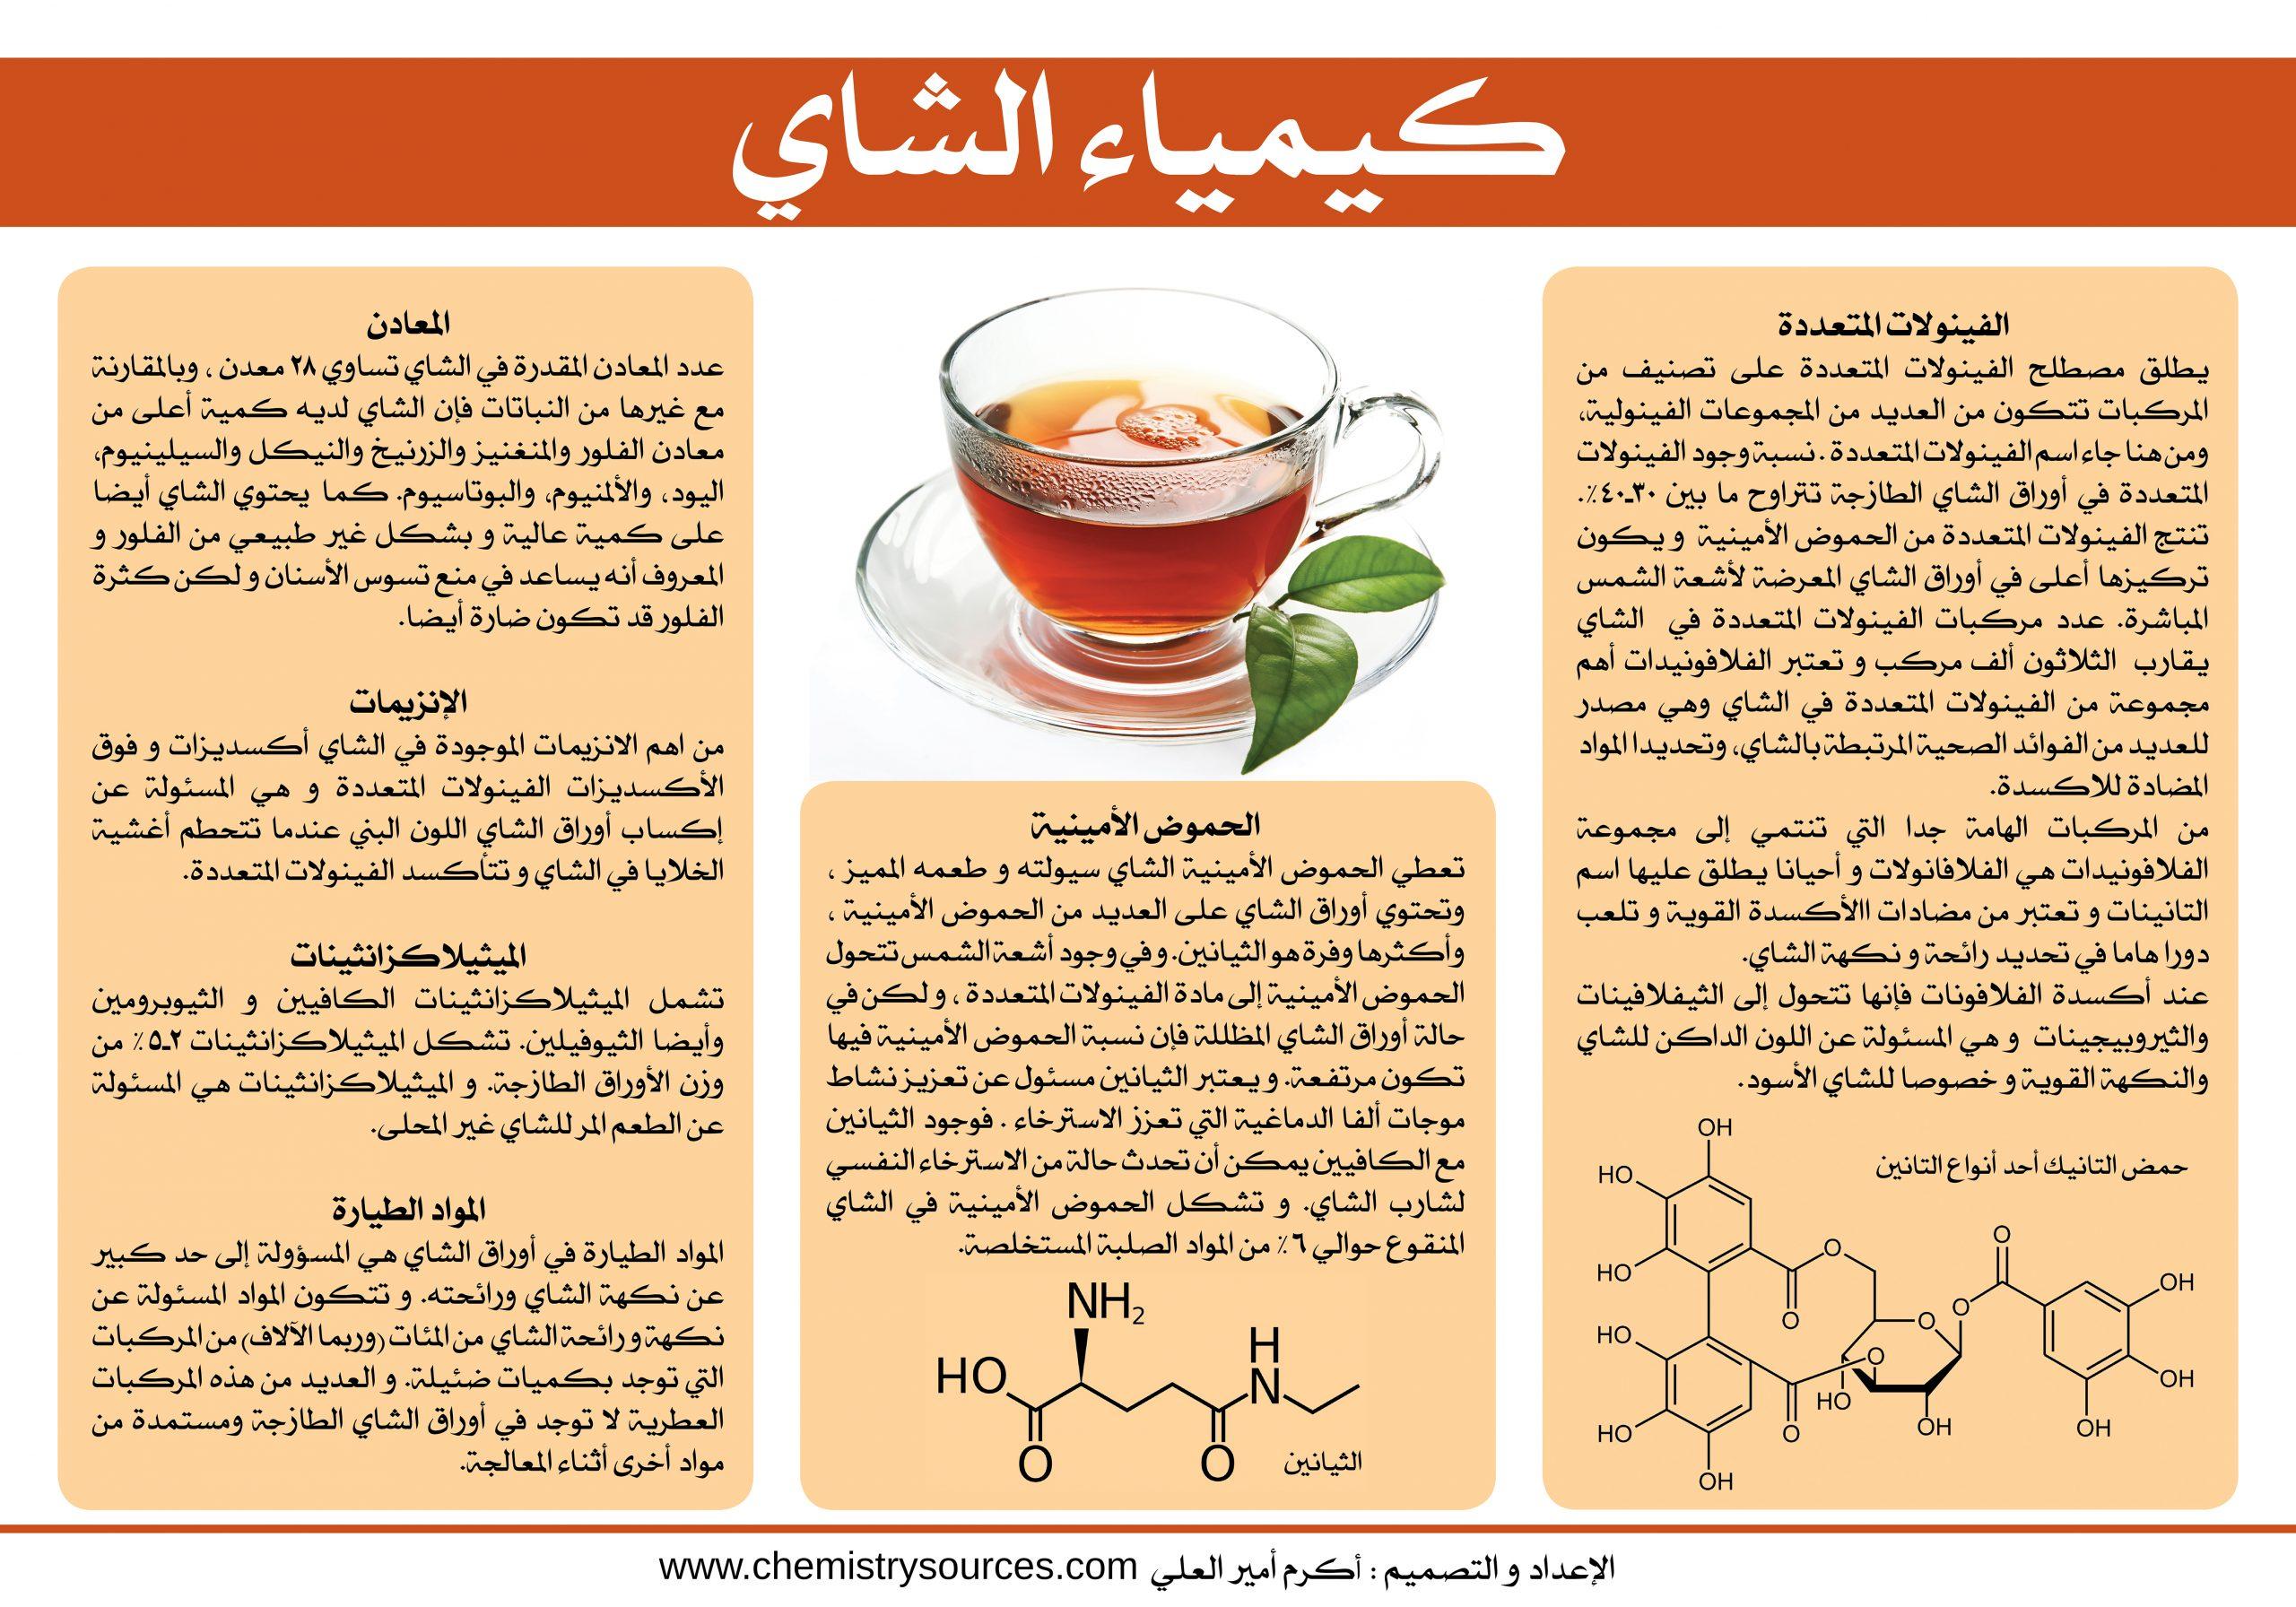 لوحة (بوستر) كيمياء الشاي